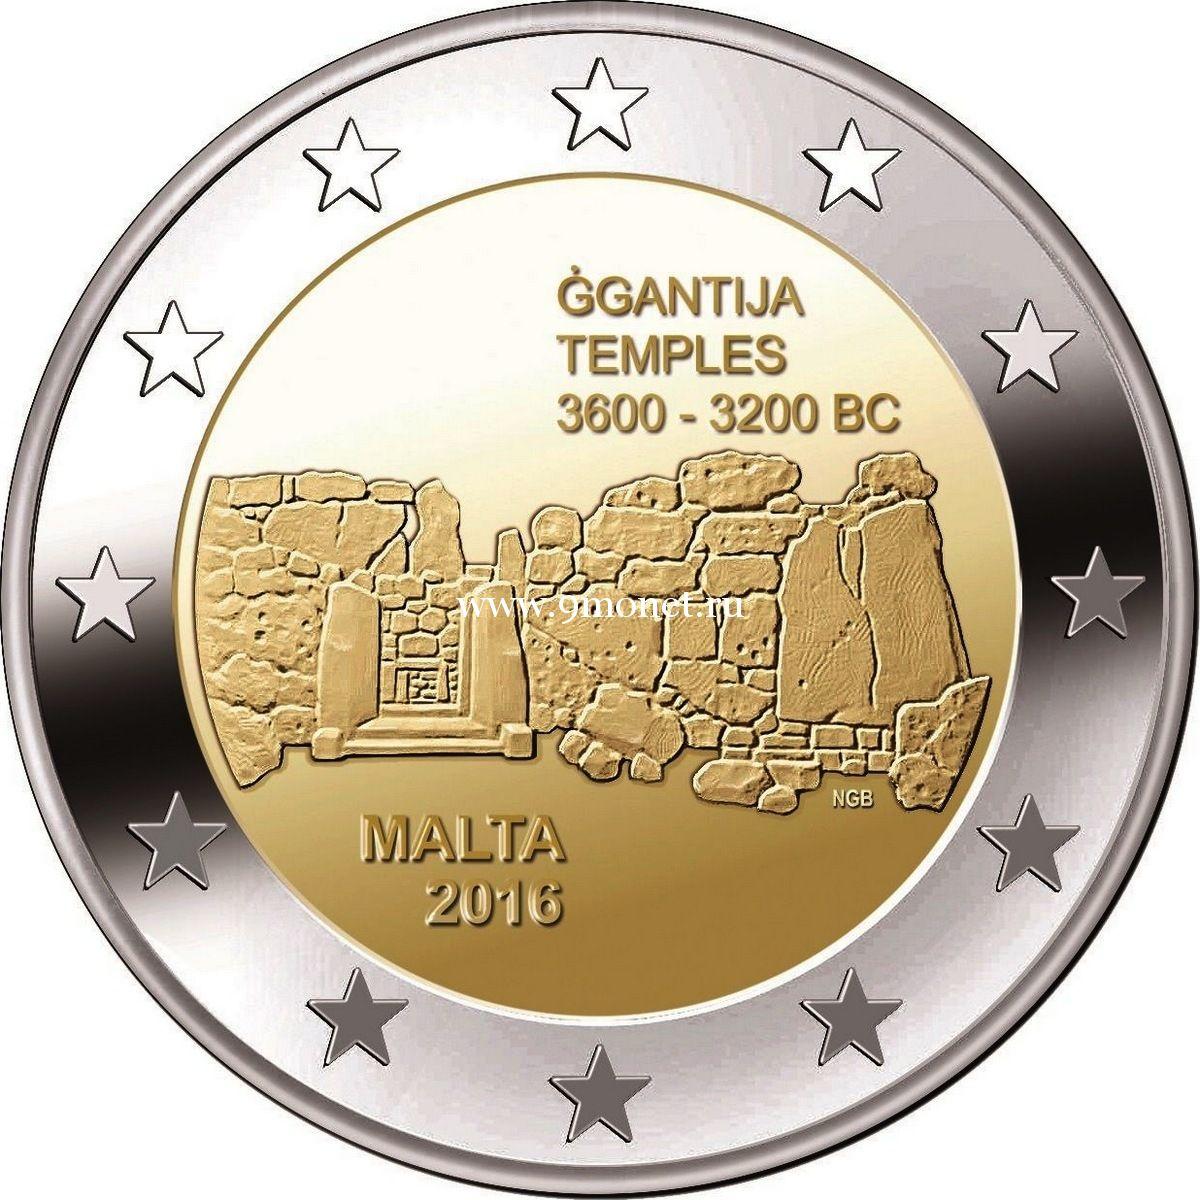 2016 год. Мальта. Монета 2 евро. Джгантия.